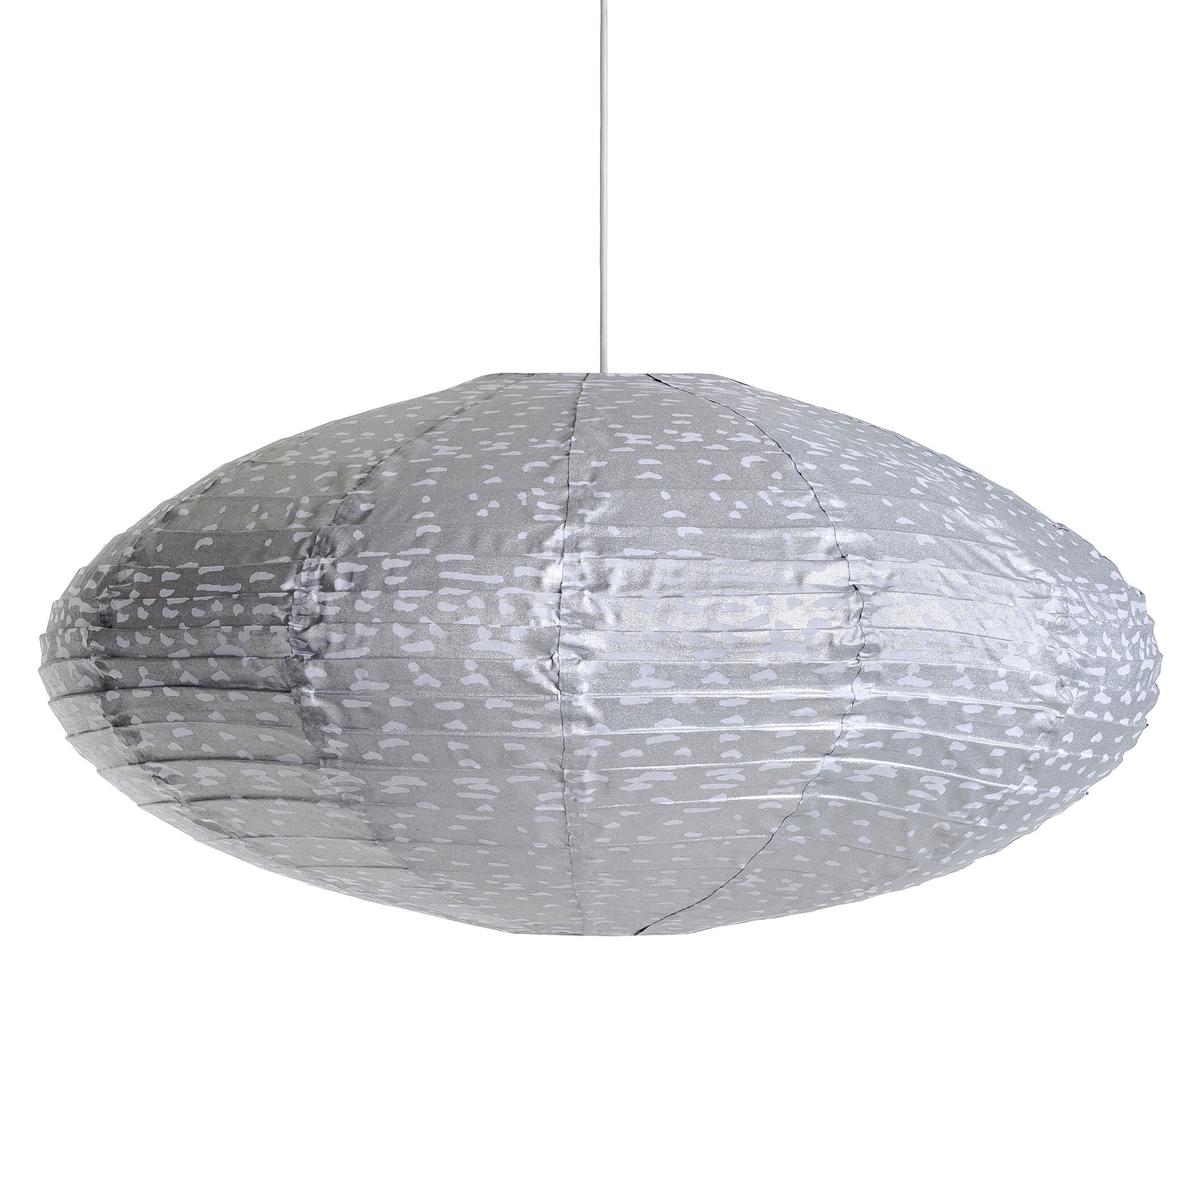 Светильник подвесной овальный  Sidy, с точечным рисункомХарактеристики :- Каркас из металлических проволок, обтянутый хлопком.- Без проводки Размеры :- Диаметр.75 x Выс.40 см.<br><br>Цвет: серый/ белый